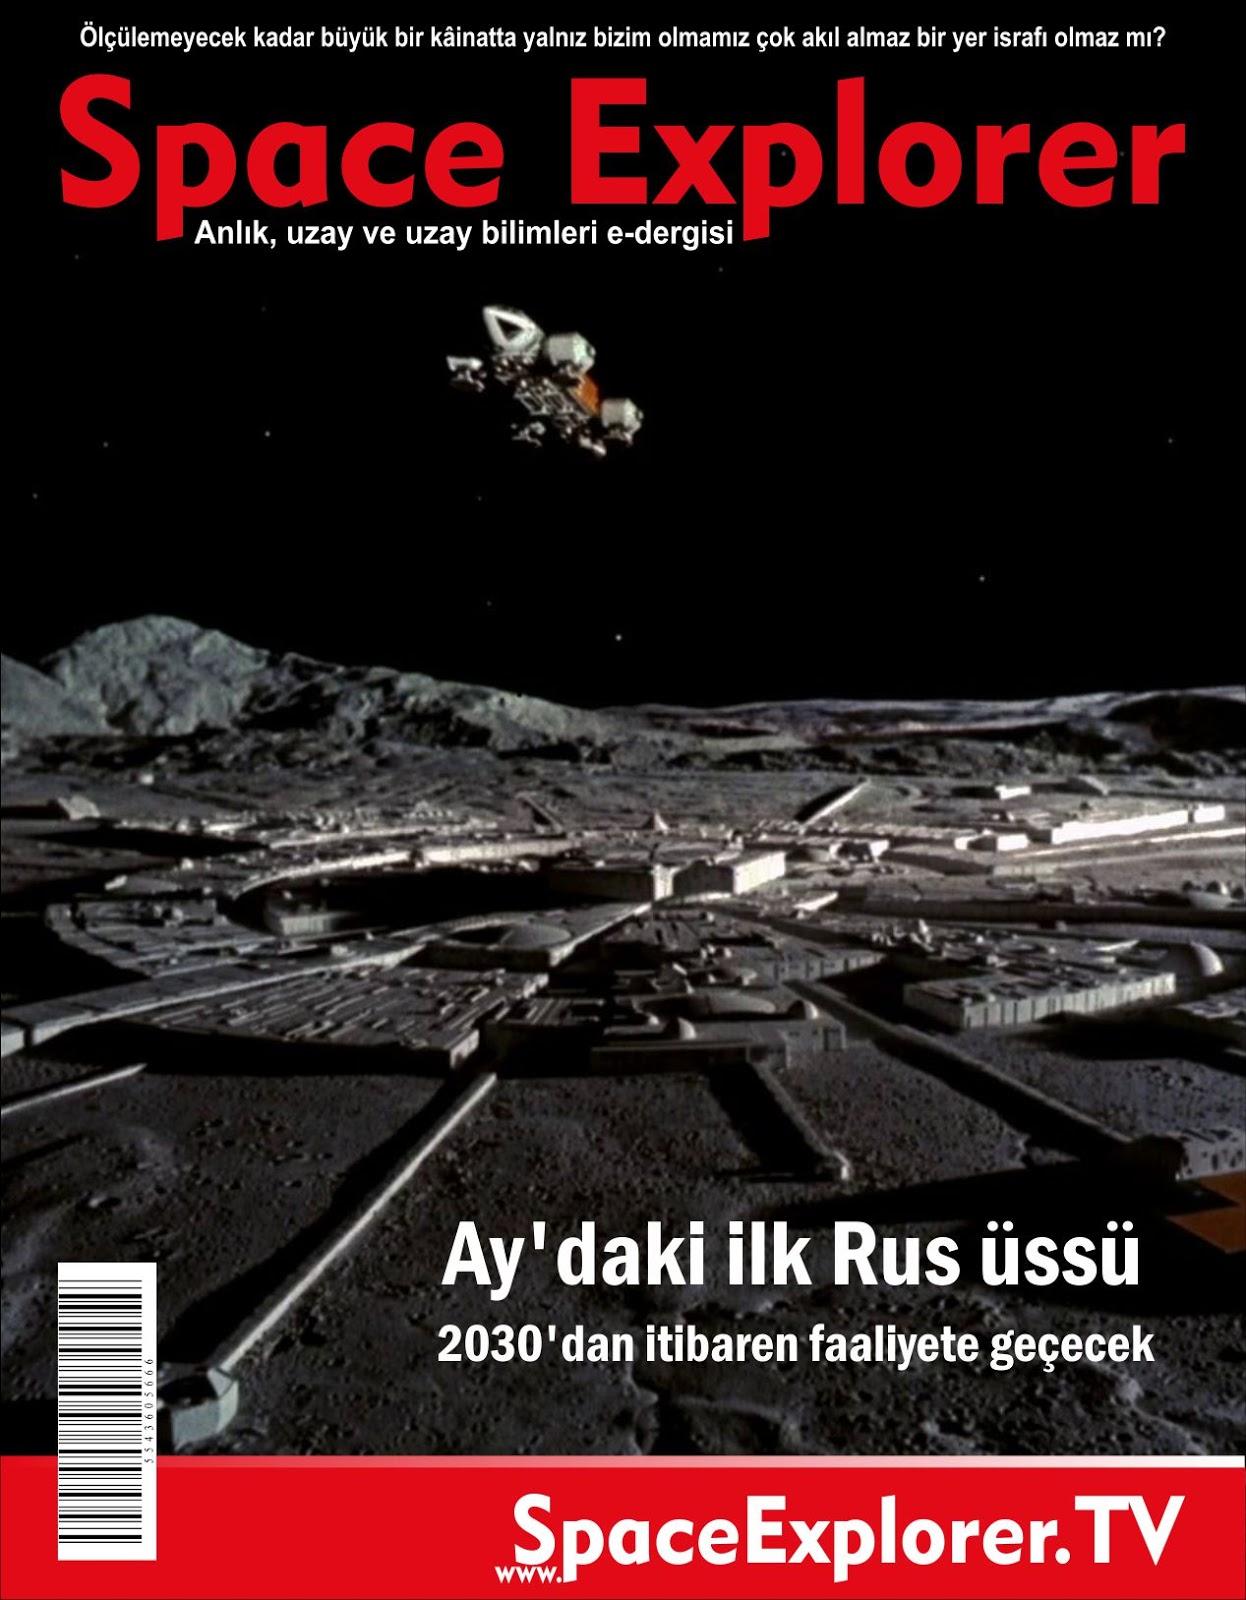 Ay'daki ilk Rus üssü 2030'dan itibaren faaliyete geçecek